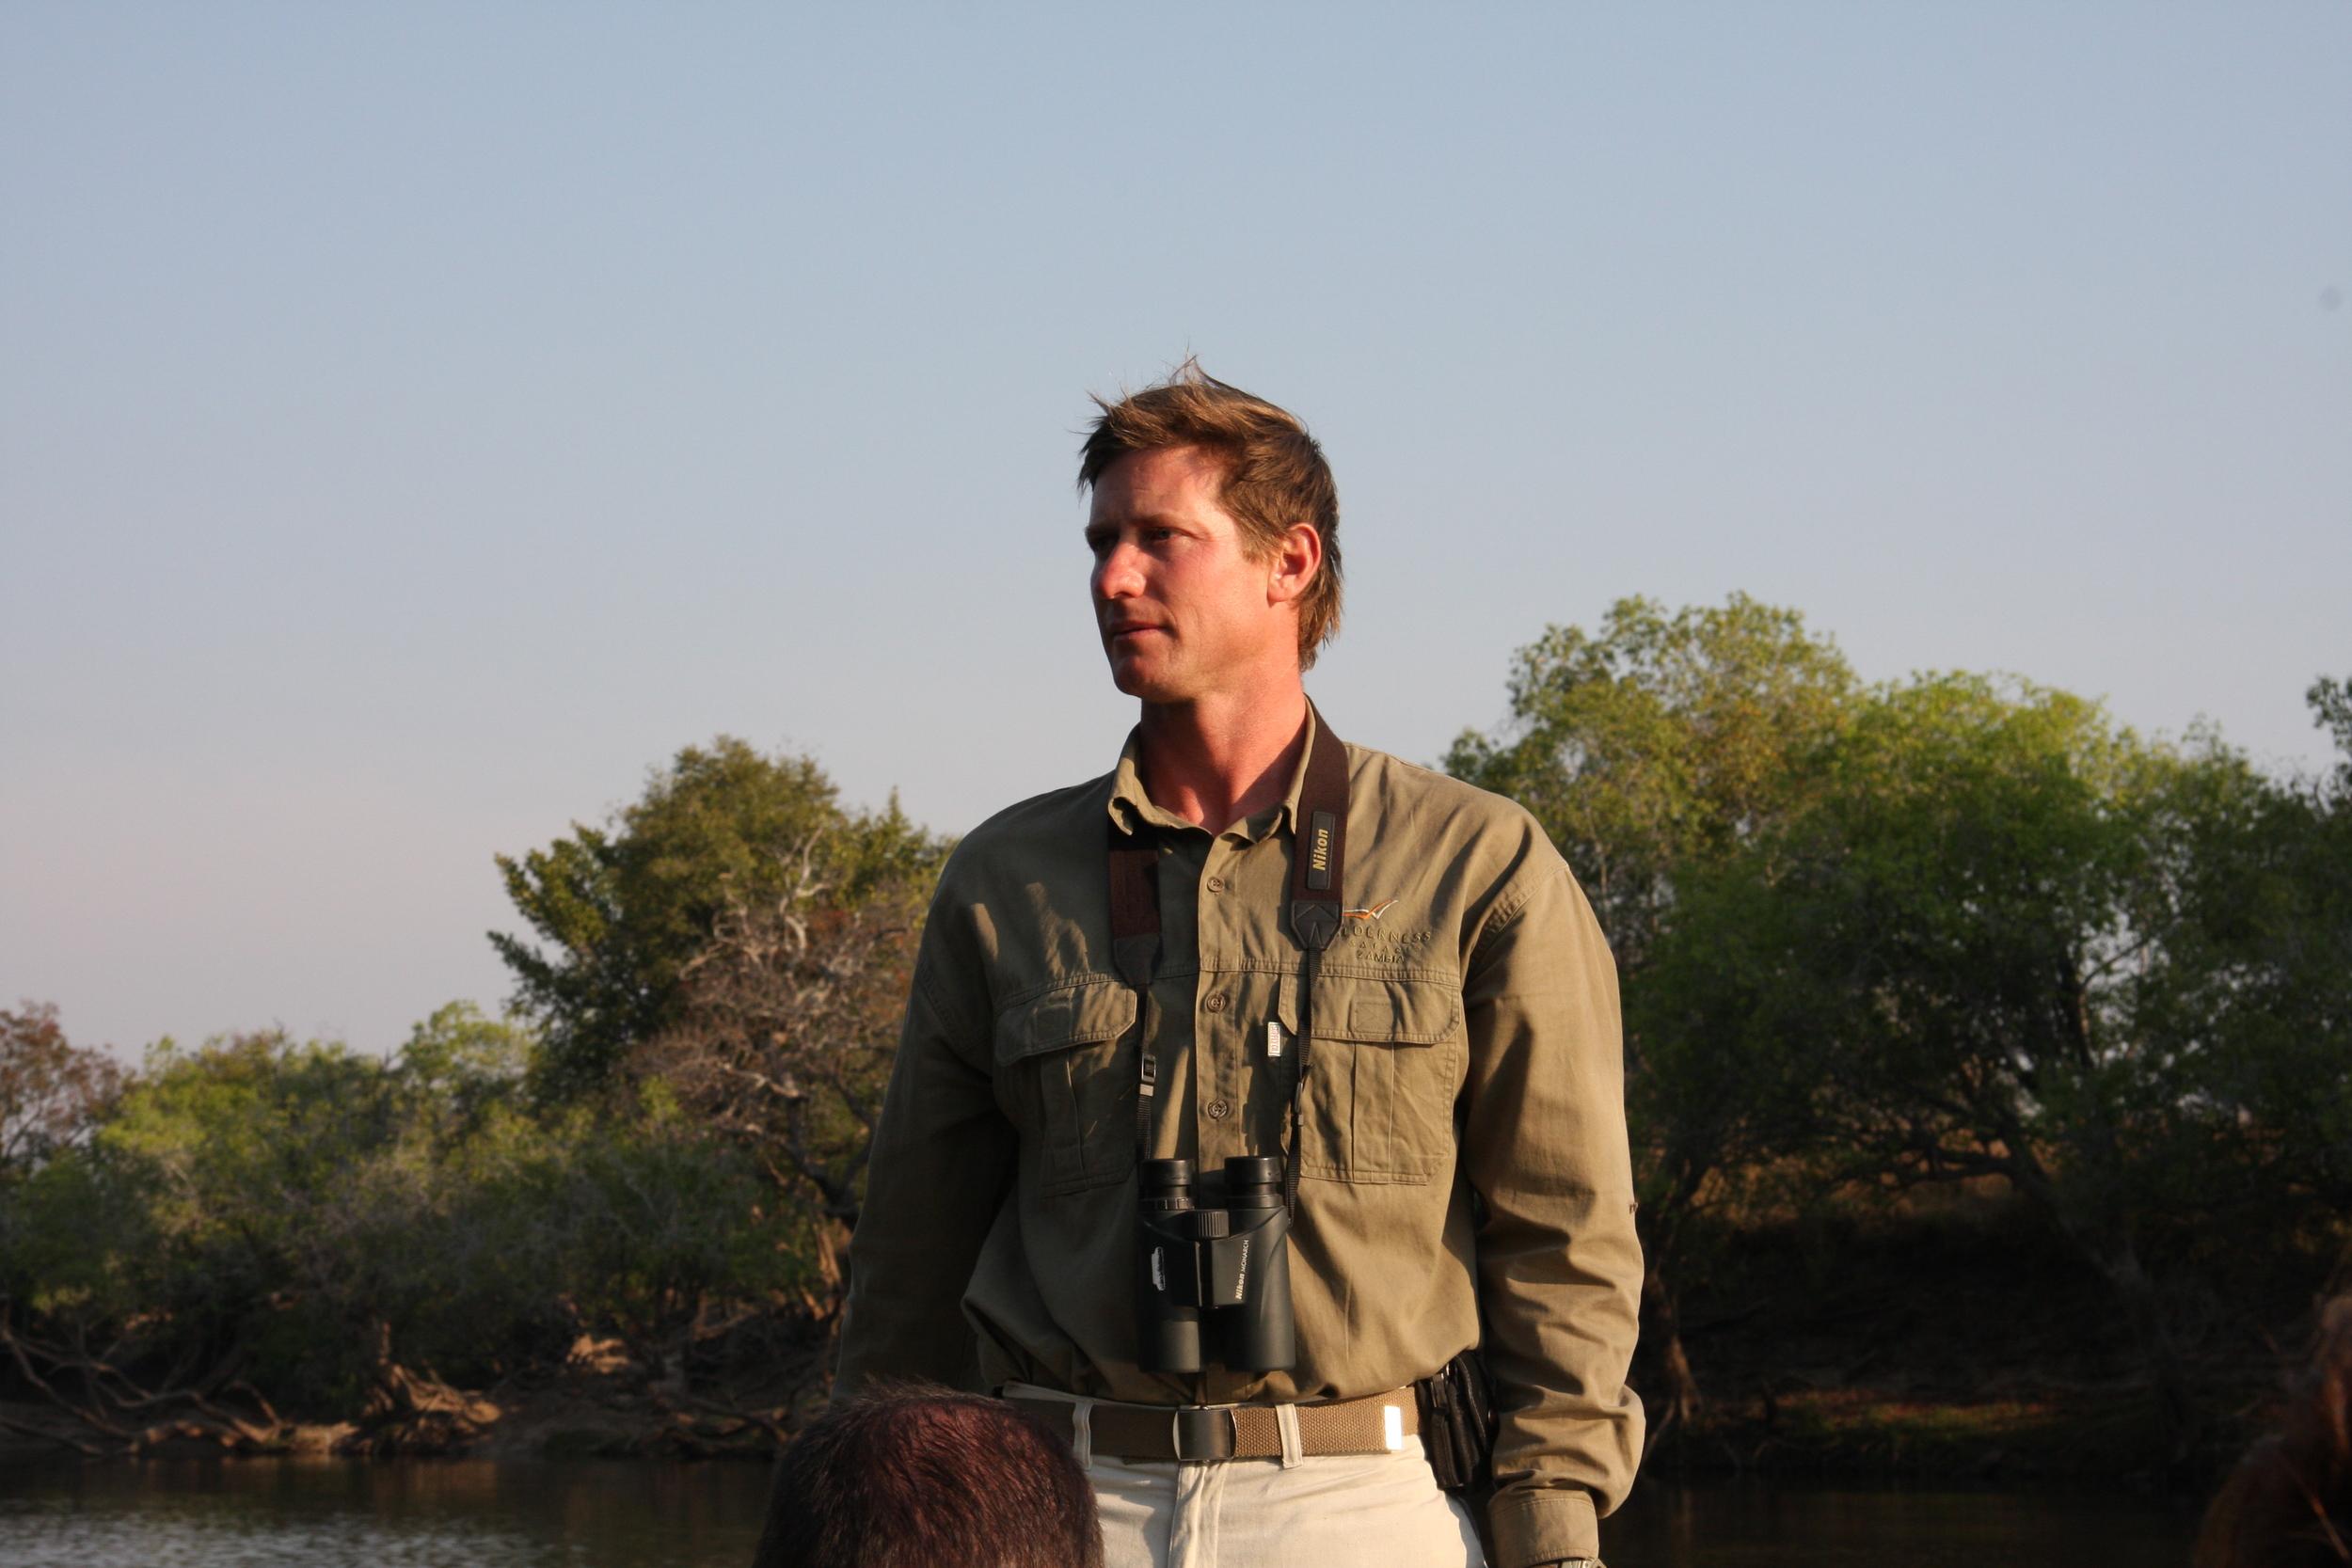 Zambia: Lufupa River